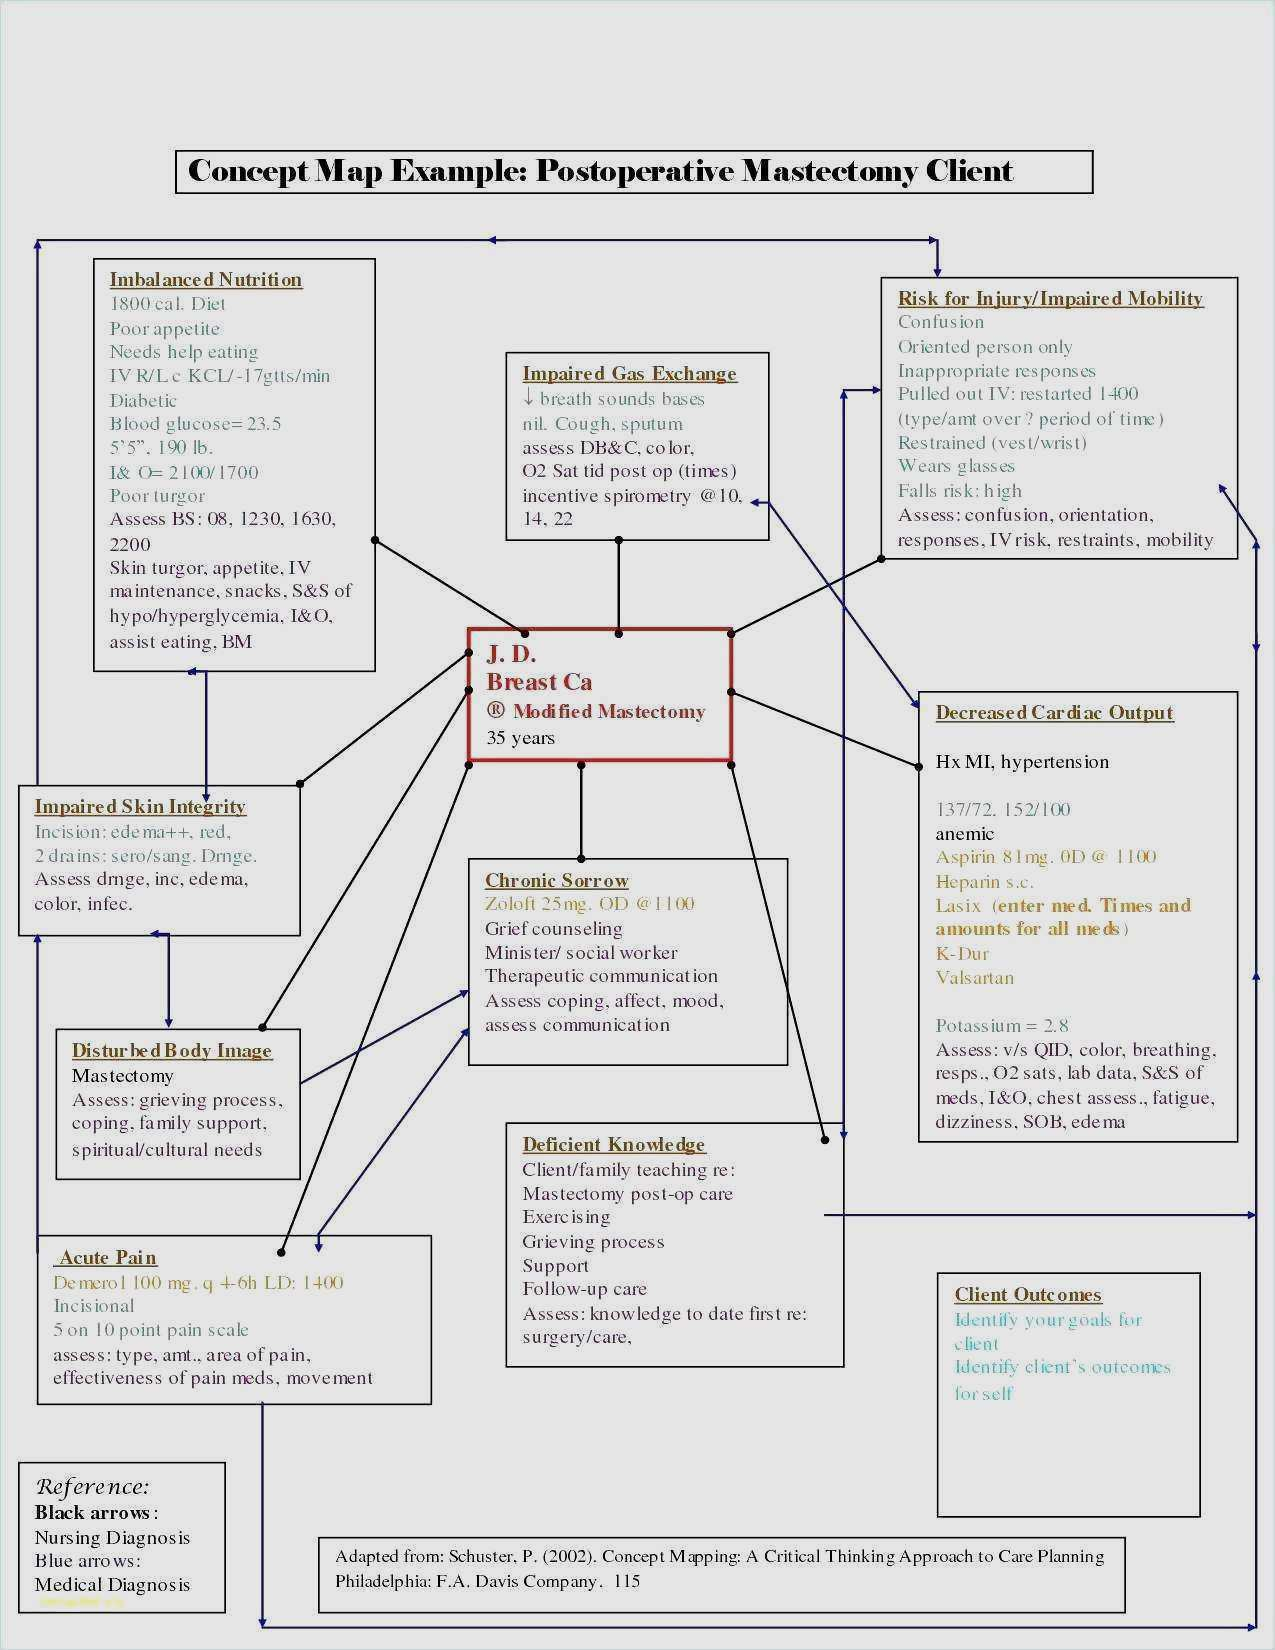 Genial Ishikawa Diagramm Vorlage Stilvoll Ebendiese Konnen Adaptieren Fur Ihre Wichtigsten Ideen Sammeln Dillyhearts Com